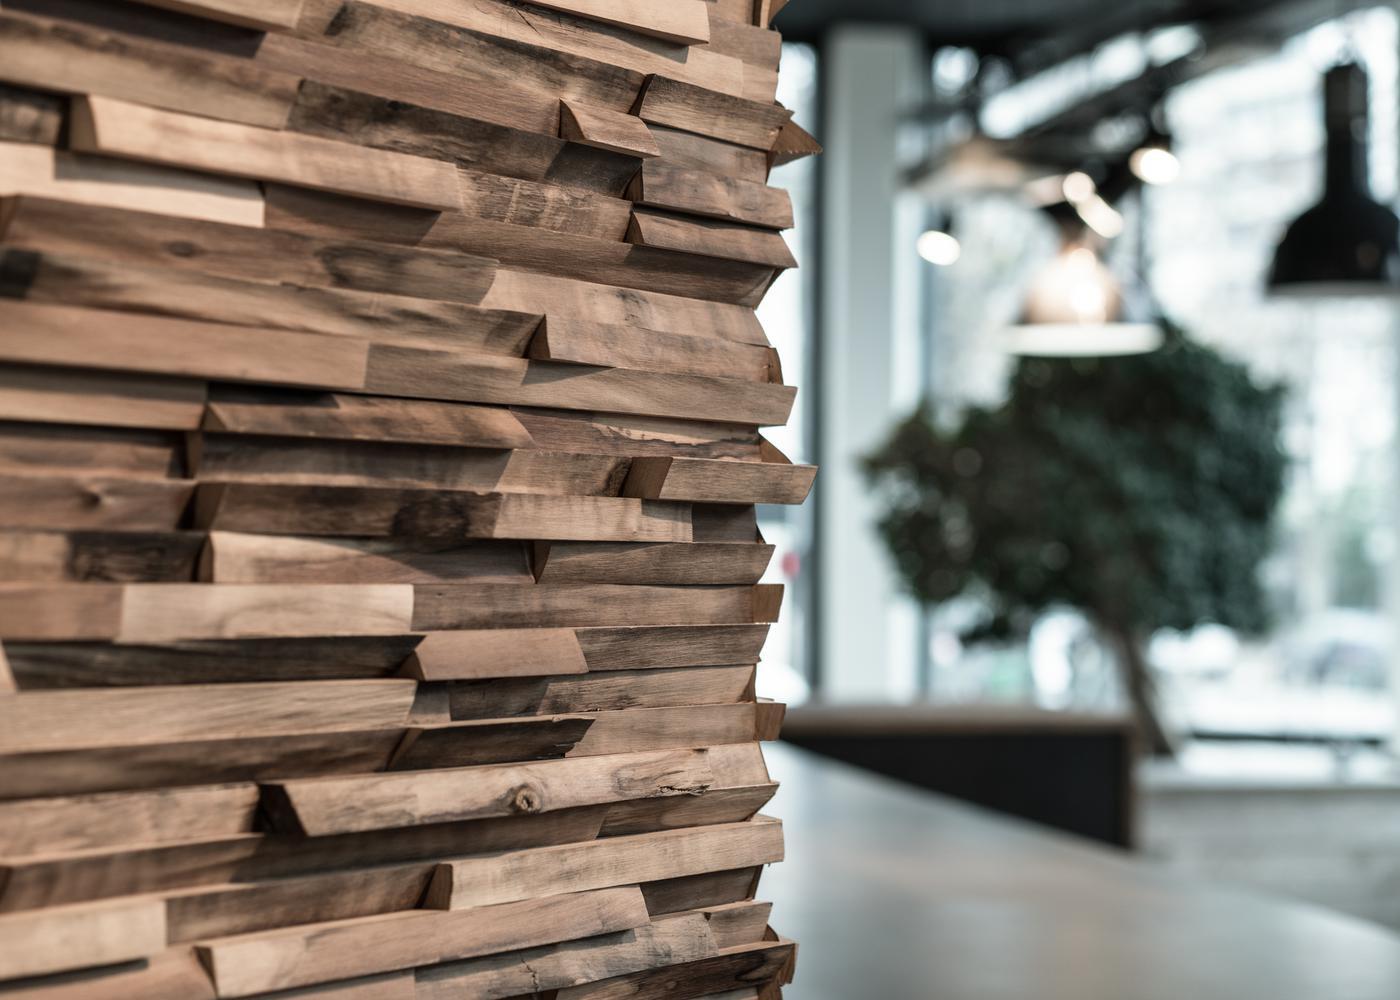 Bardage Déstructuré Monolame Wood Lab En Noyer étuvé Fabriqué à La Main Avec Des Résidus De Bois